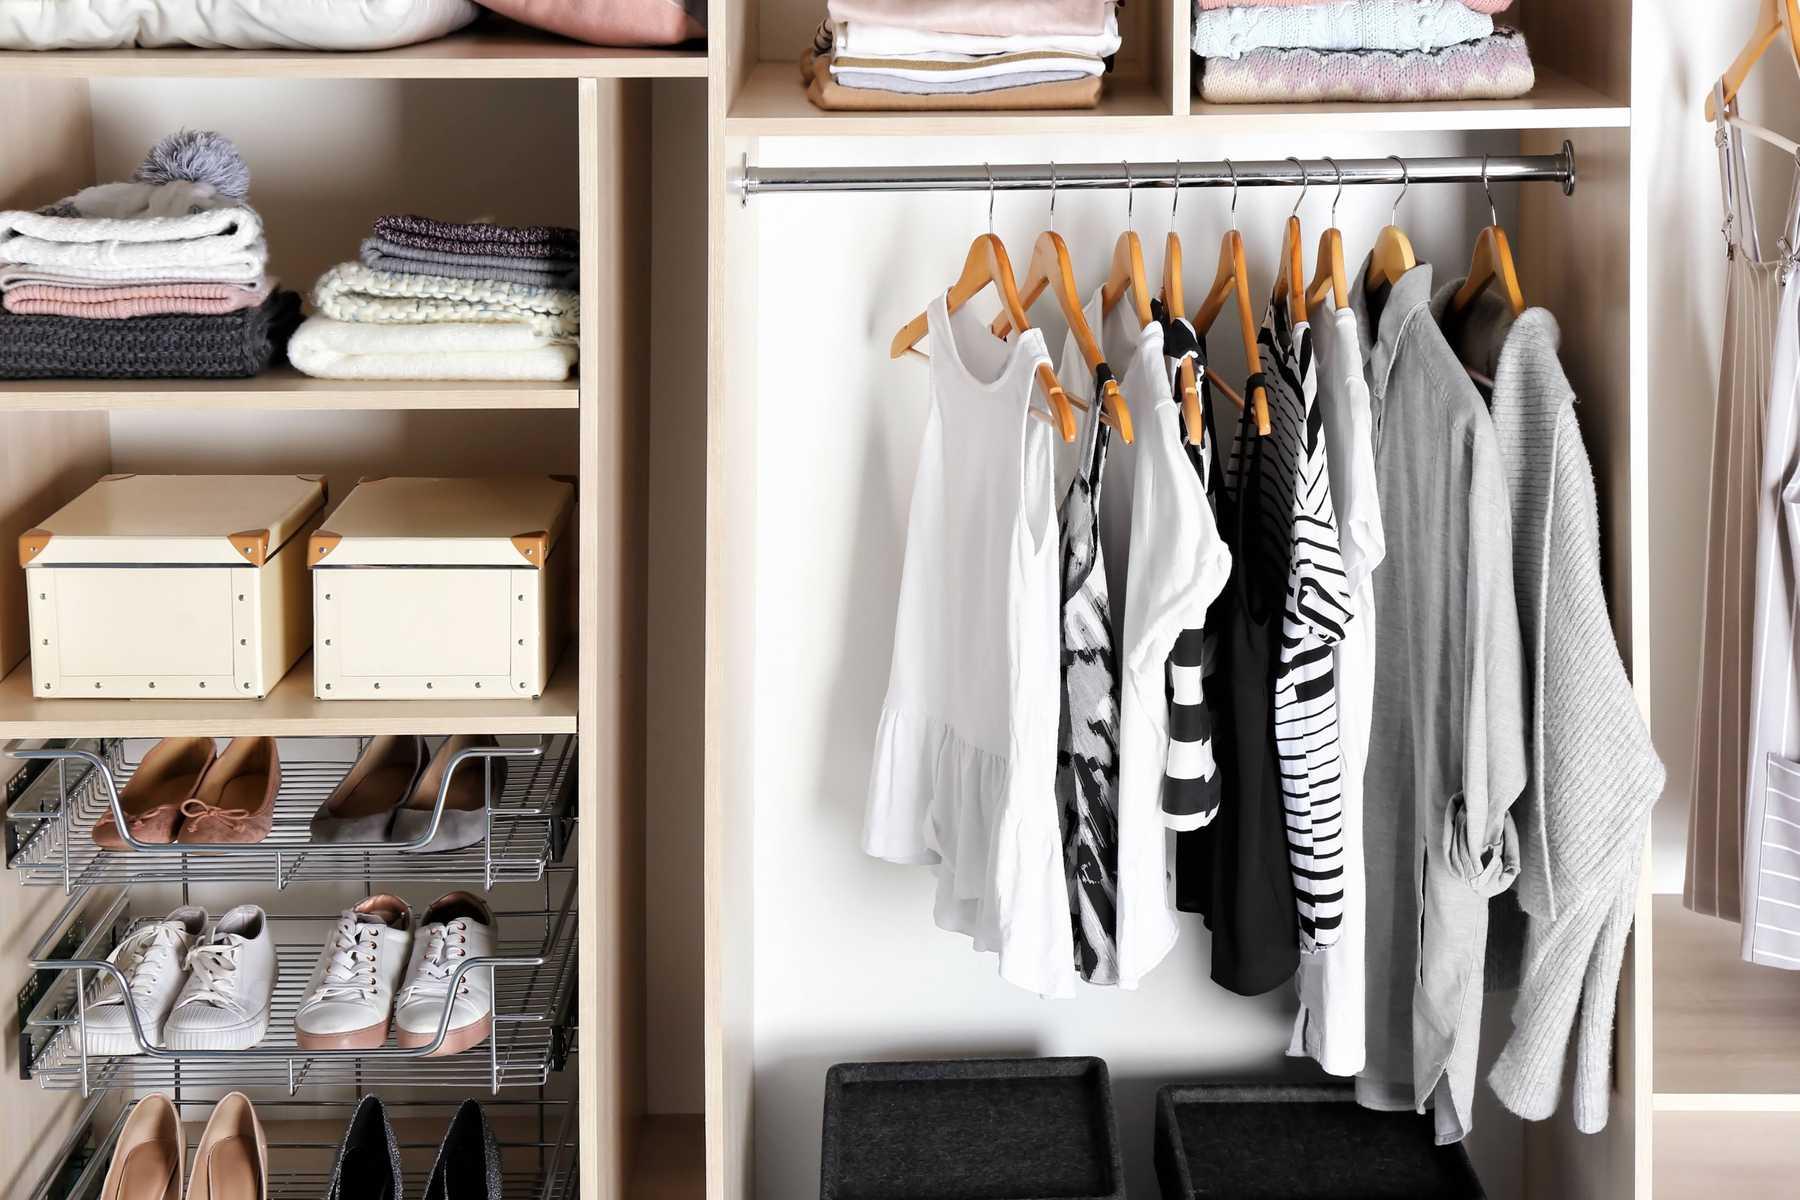 Không phải tất cả quần áo đều được cất giữ như nhau.